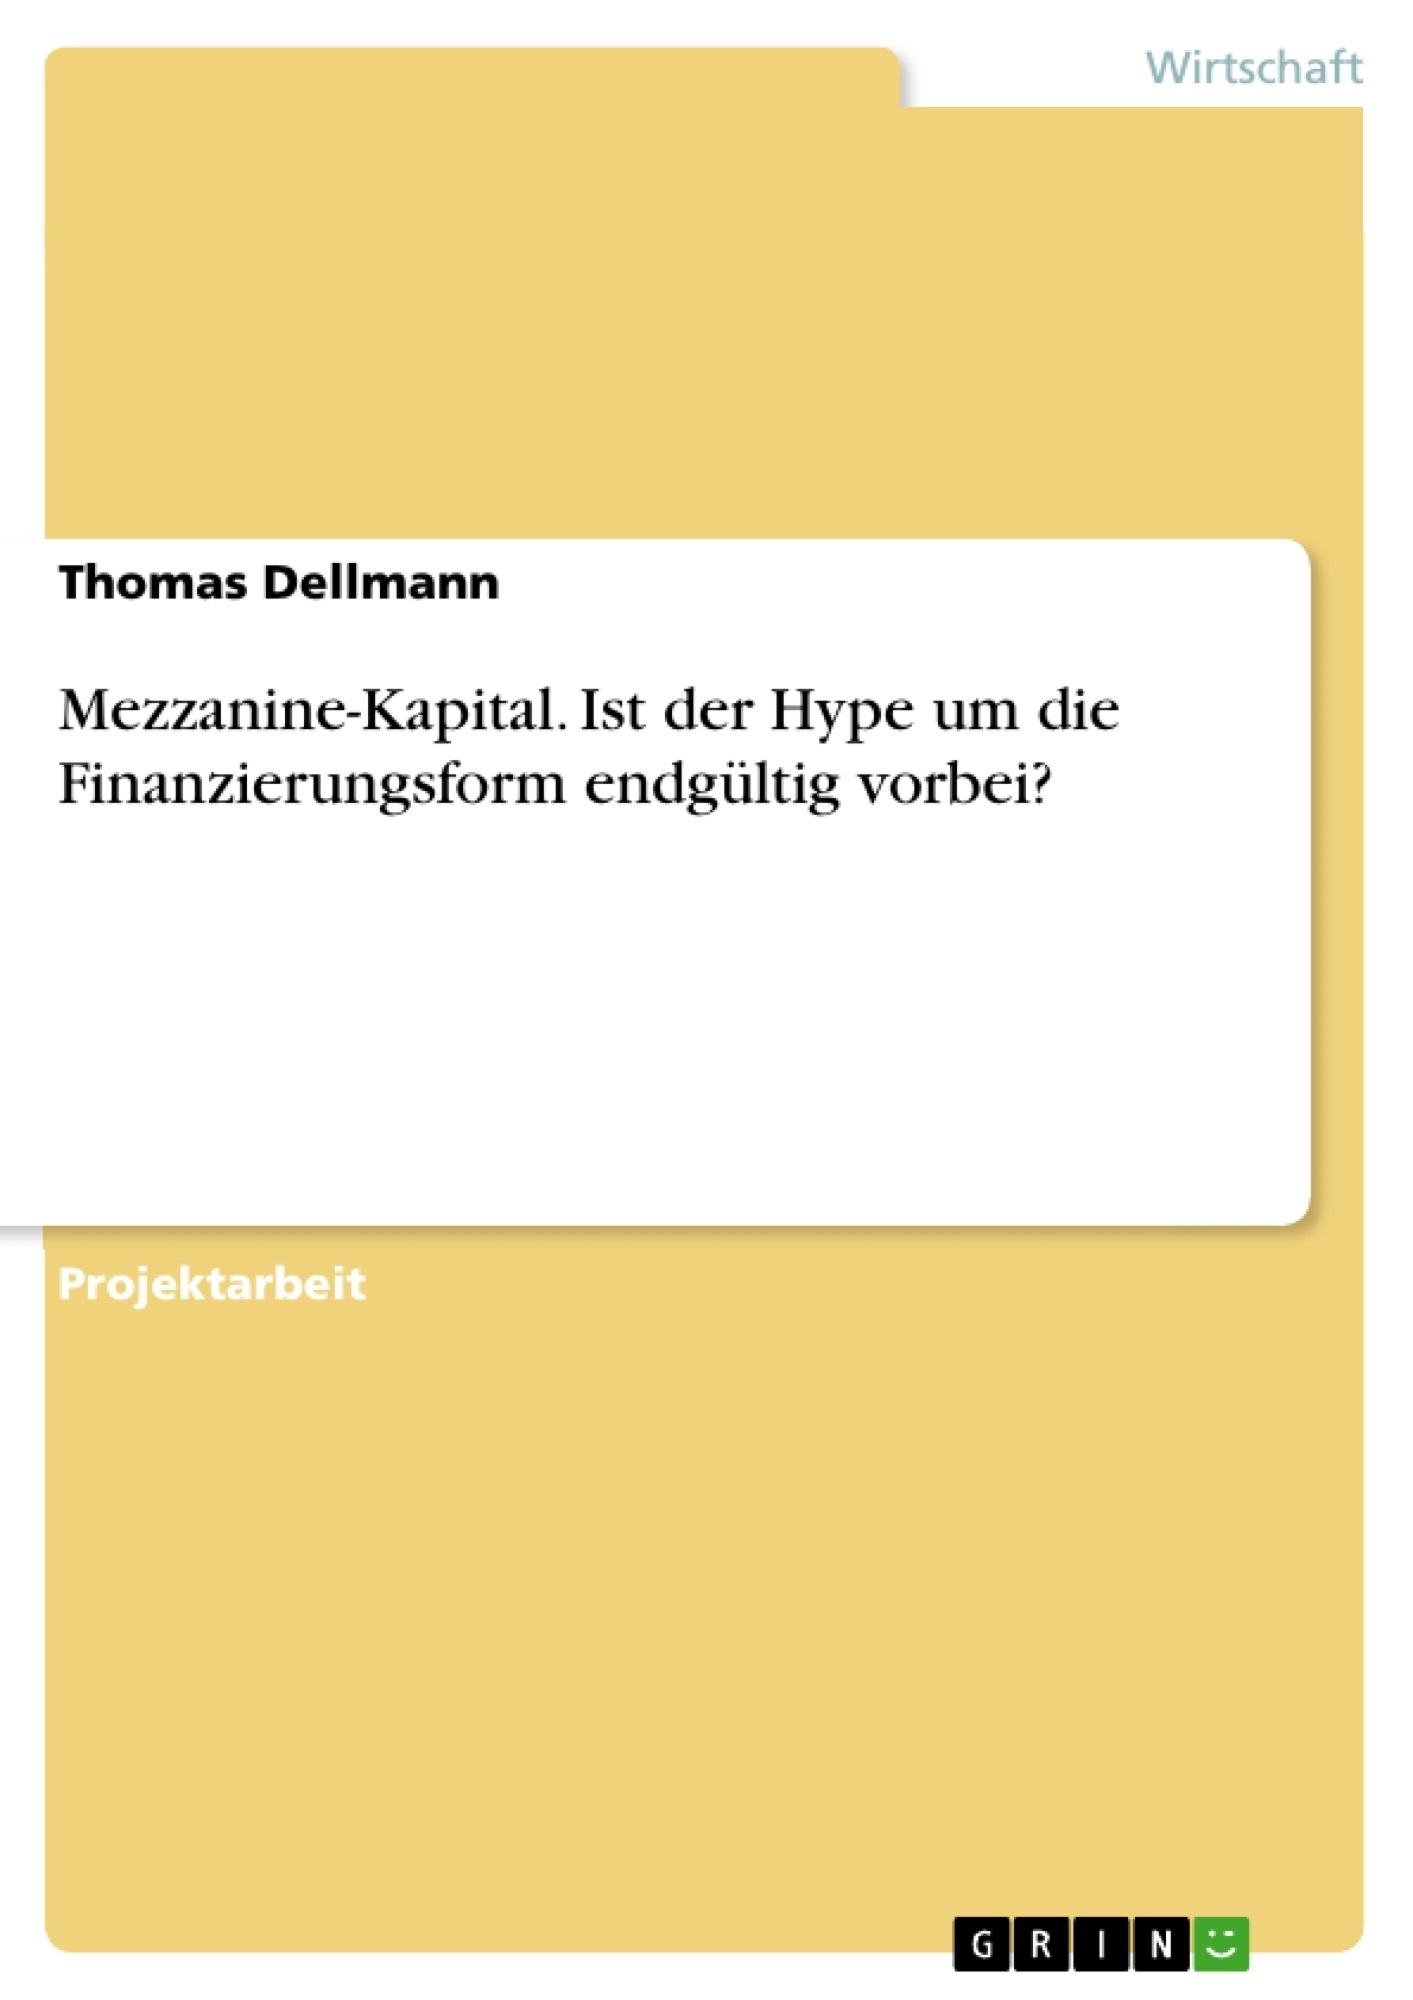 Titel: Mezzanine-Kapital. Ist der Hype um die Finanzierungsform endgültig vorbei?